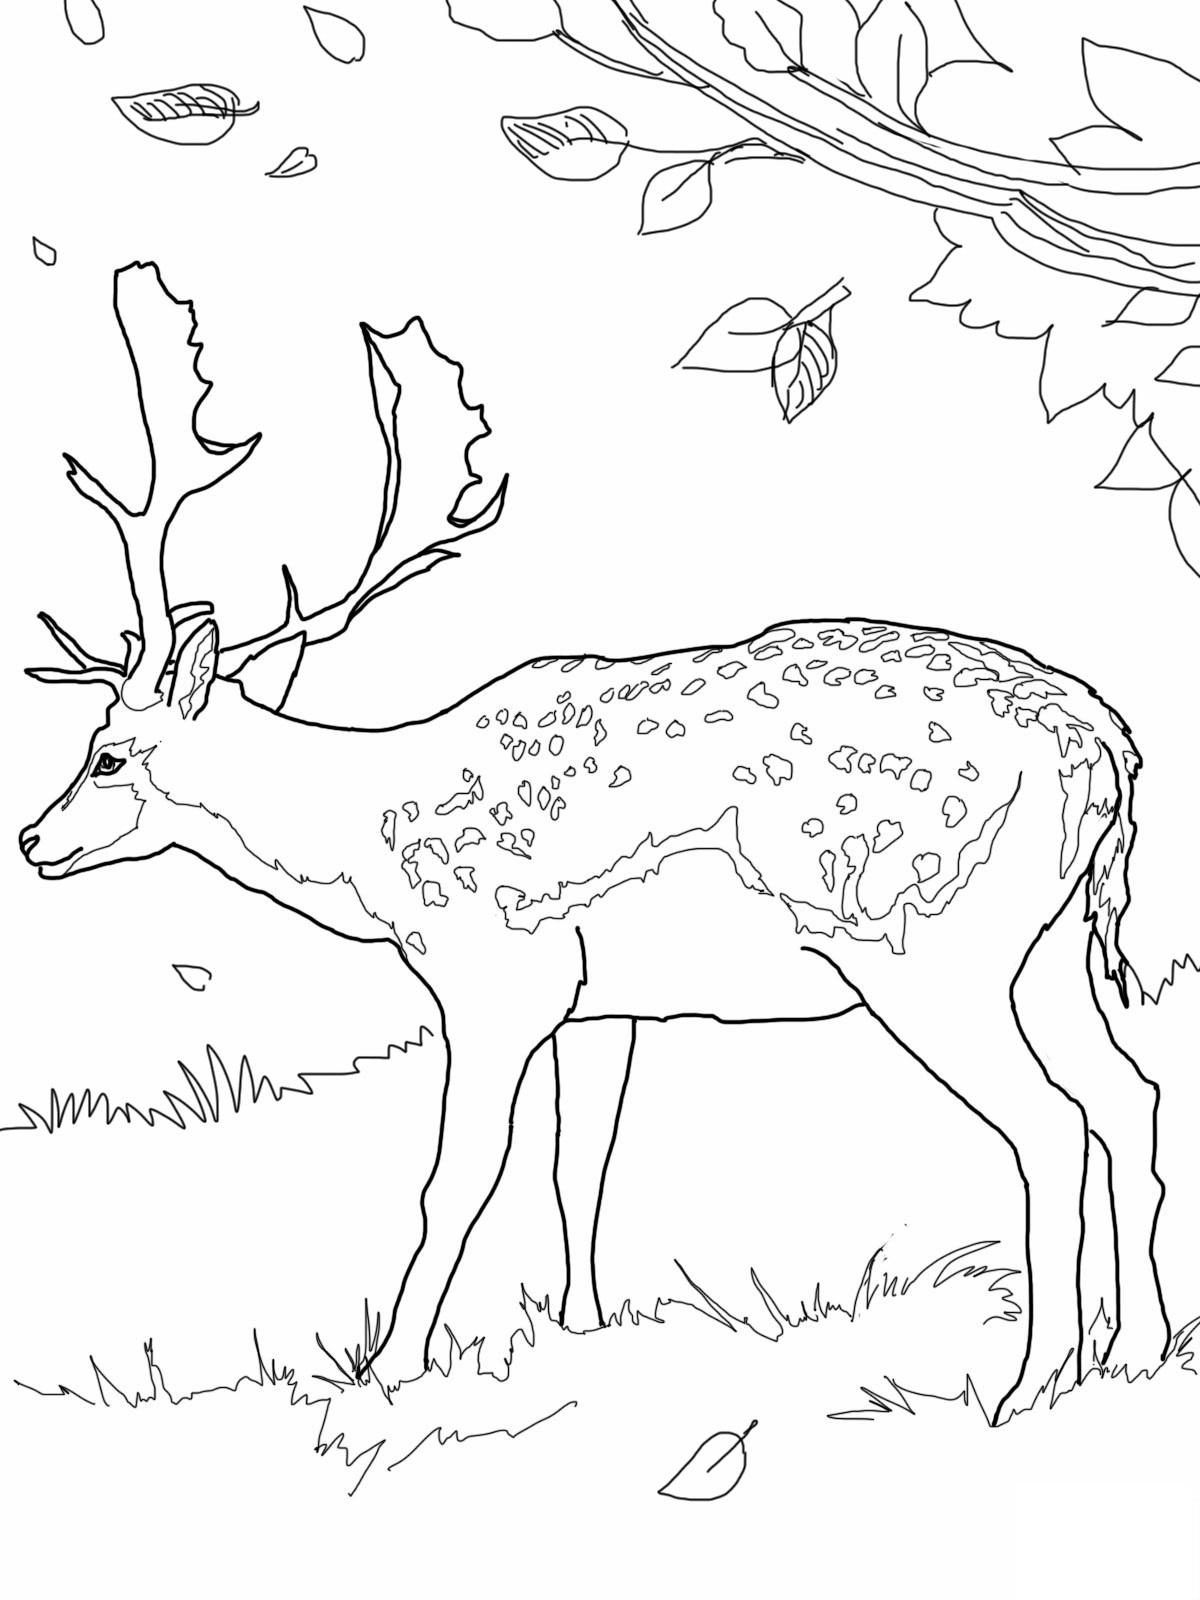 deer coloring page mule deer buck coloring page free printable coloring pages deer coloring page